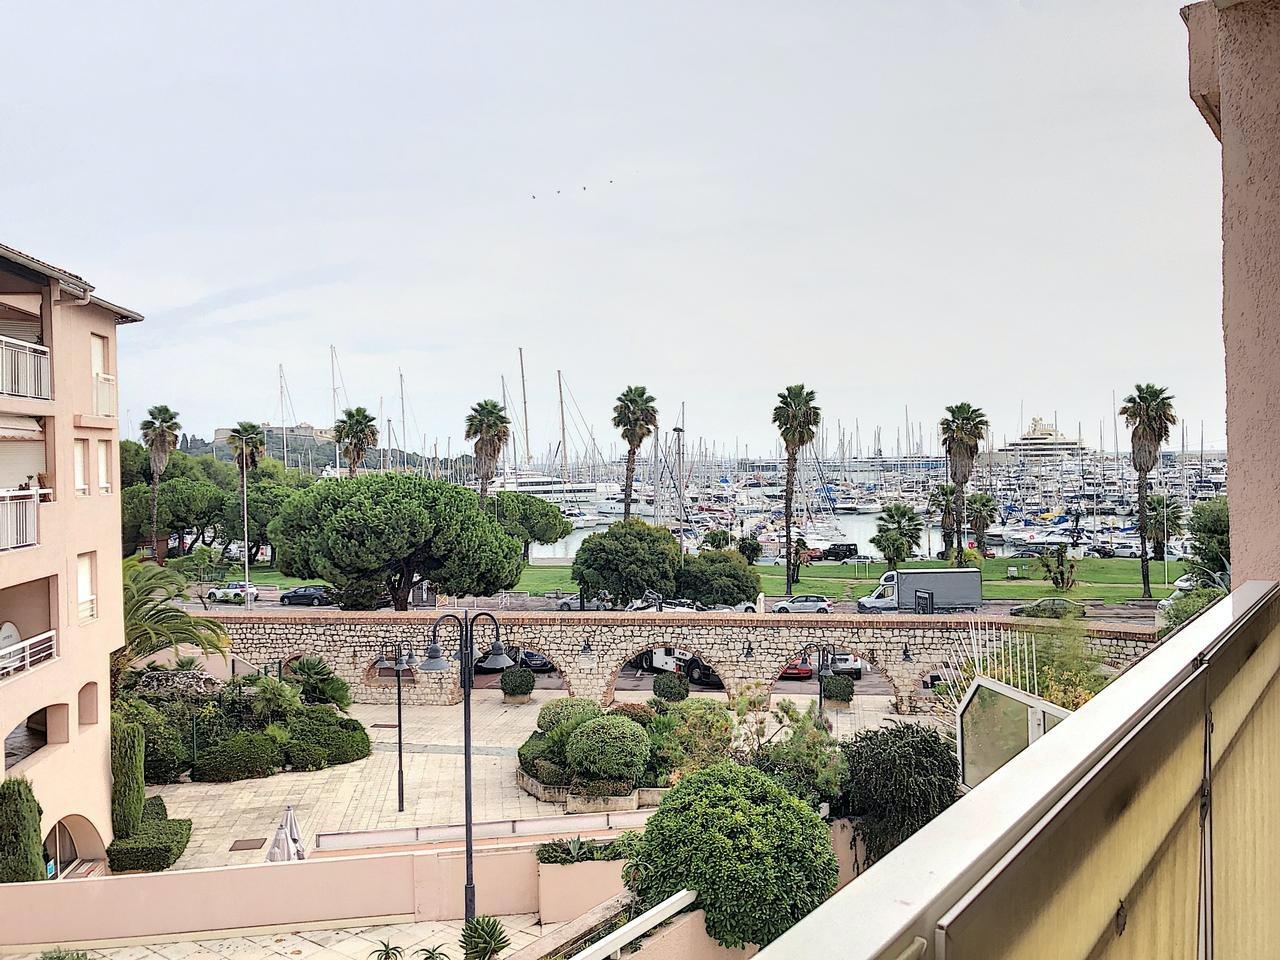 Lägenhet med utsikt över Port Vauban och nära allt